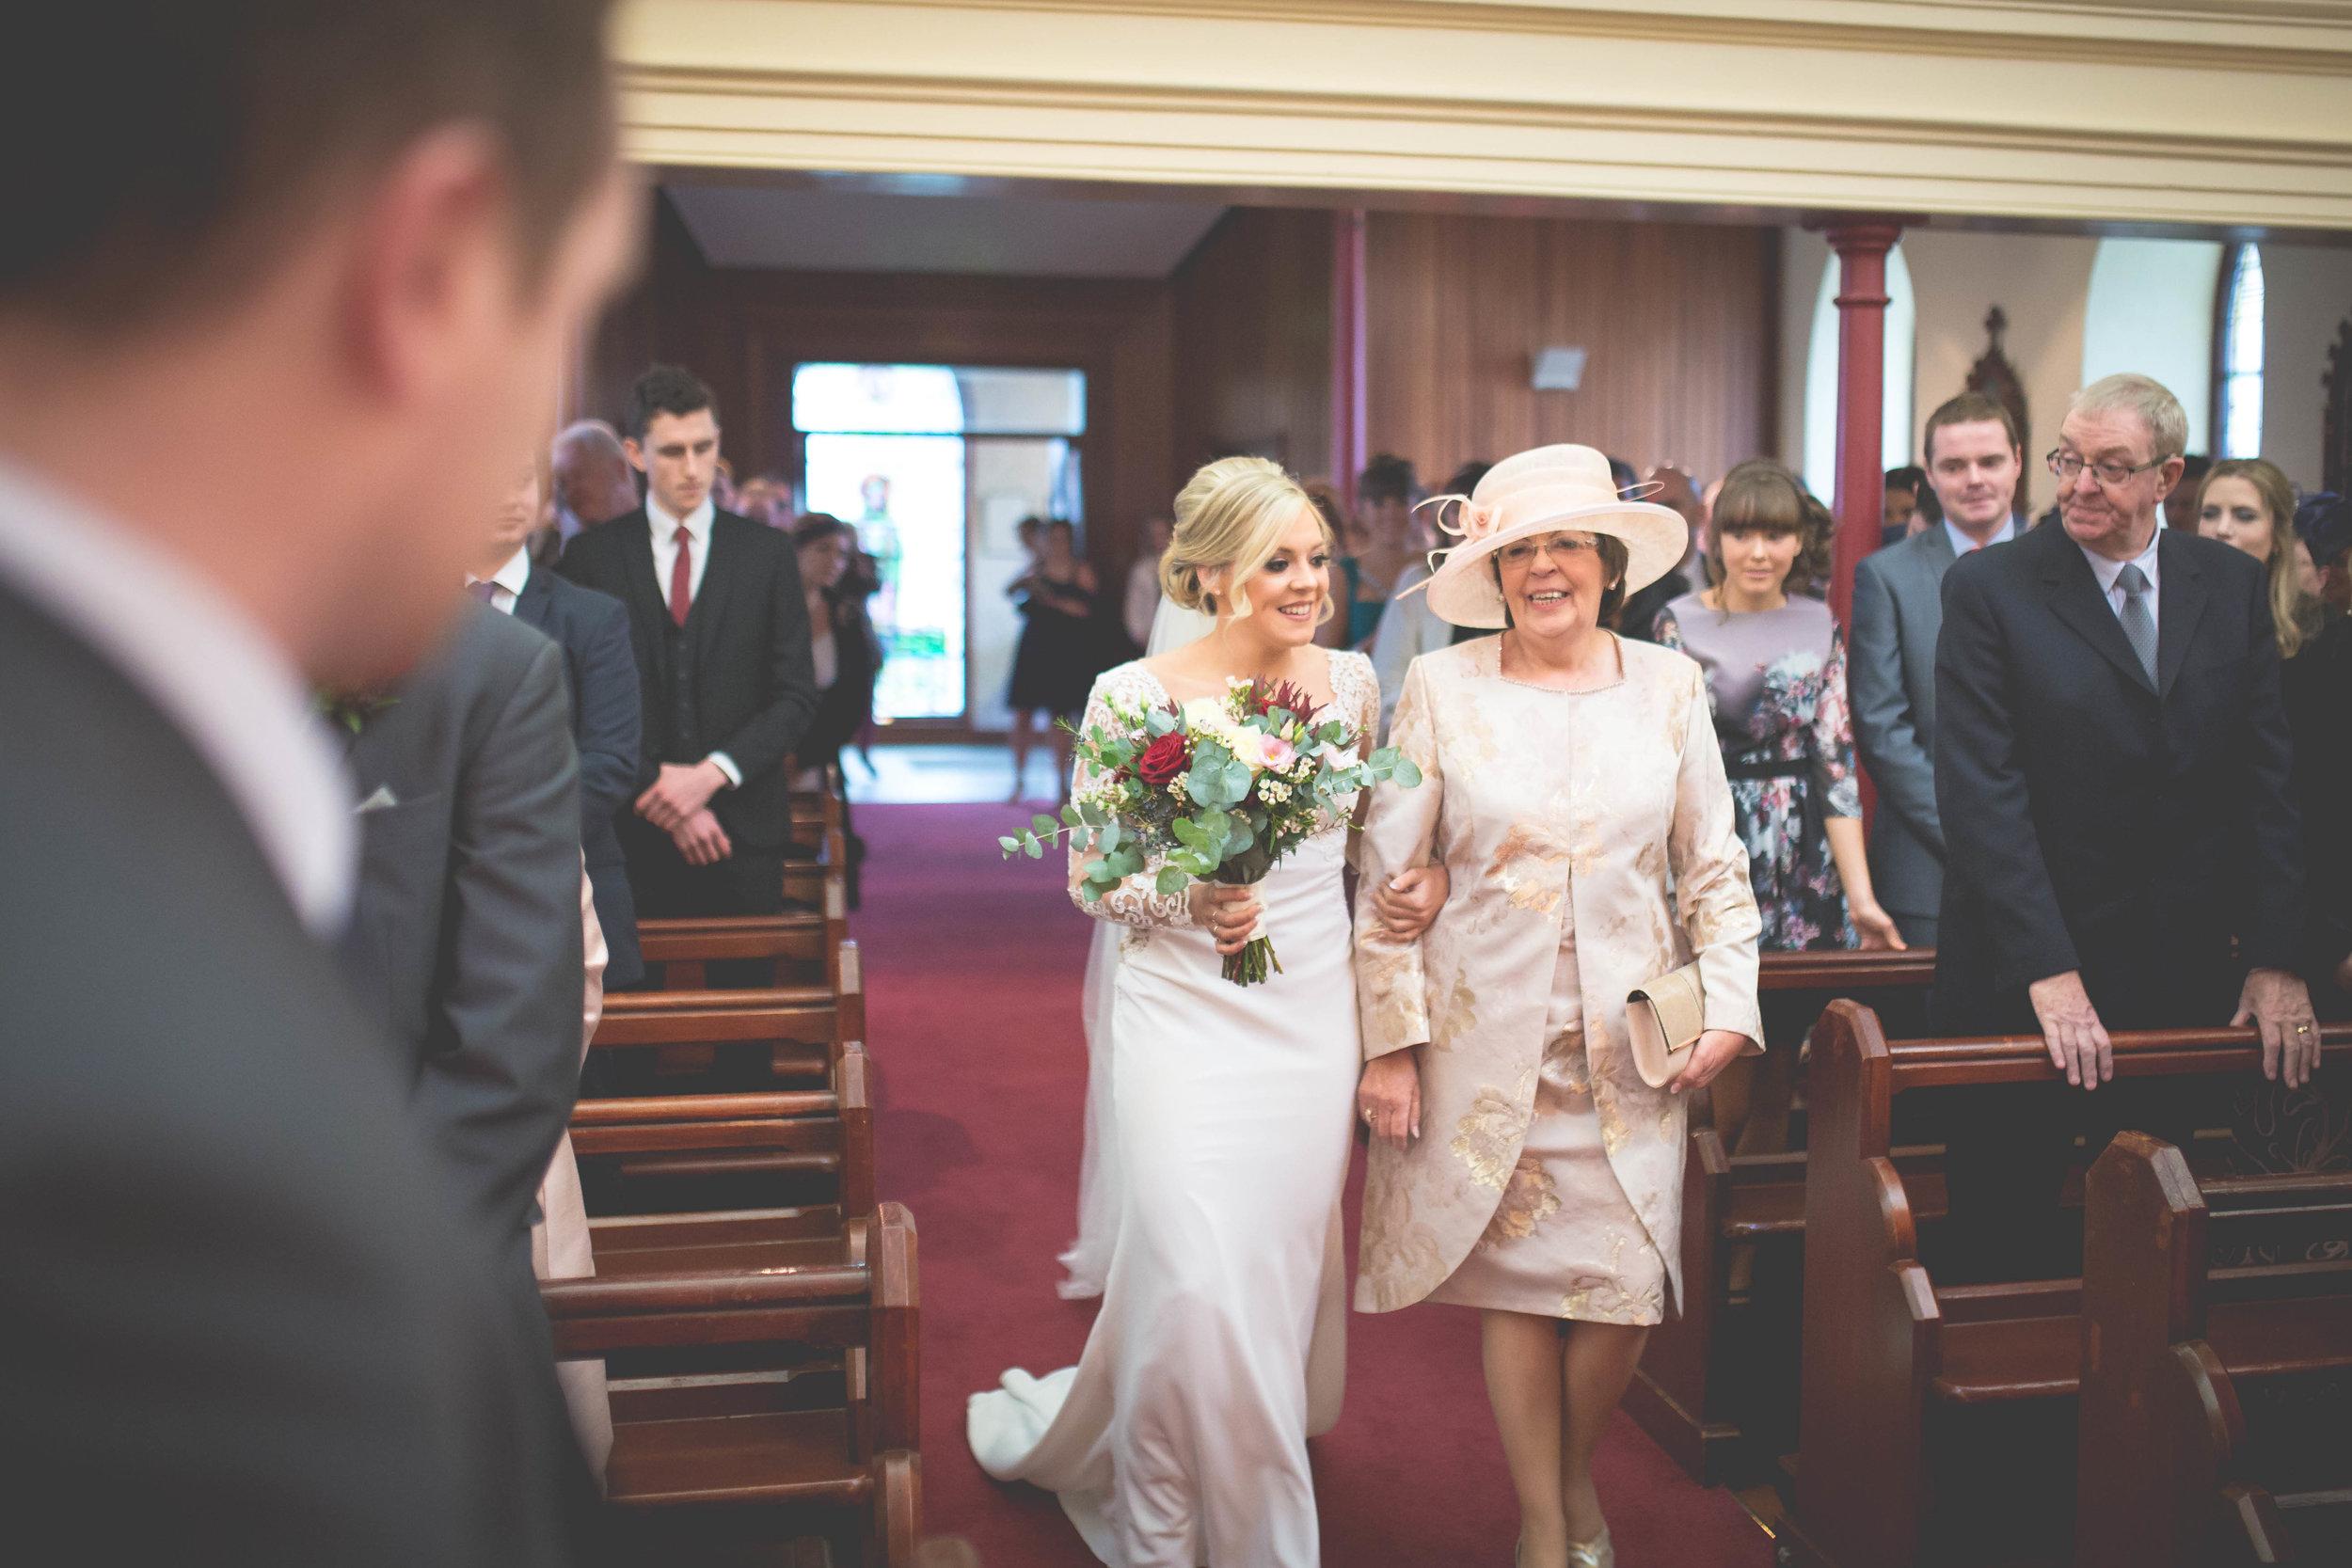 MaryJo_Conor_Mageean_Ceremony-28.jpg